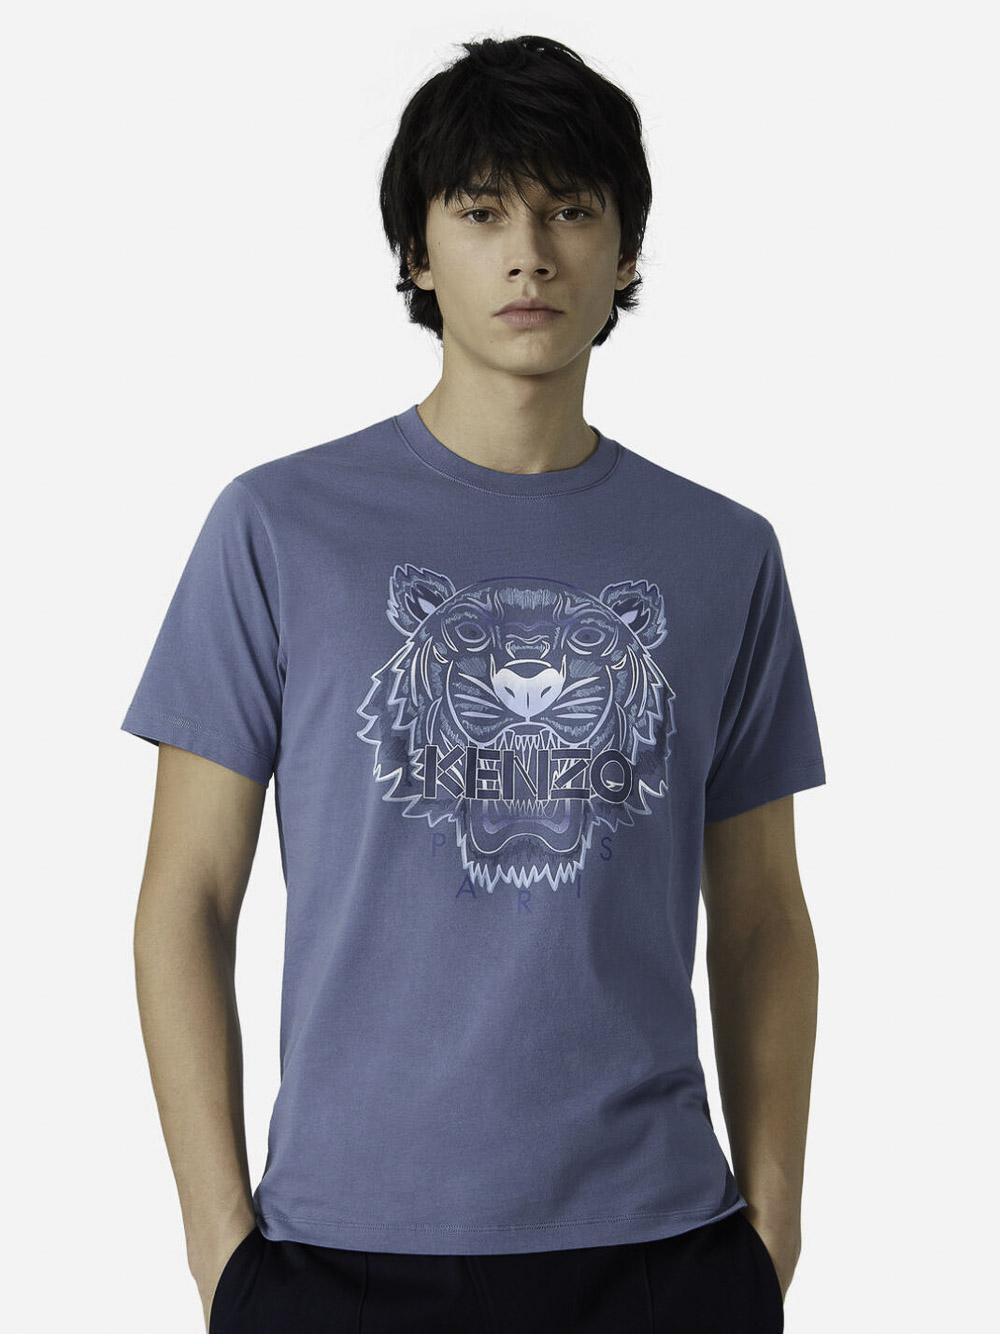 KENZO Μπλούζα t-shirt 5TS0264YG-67 ΜΠΛΕ